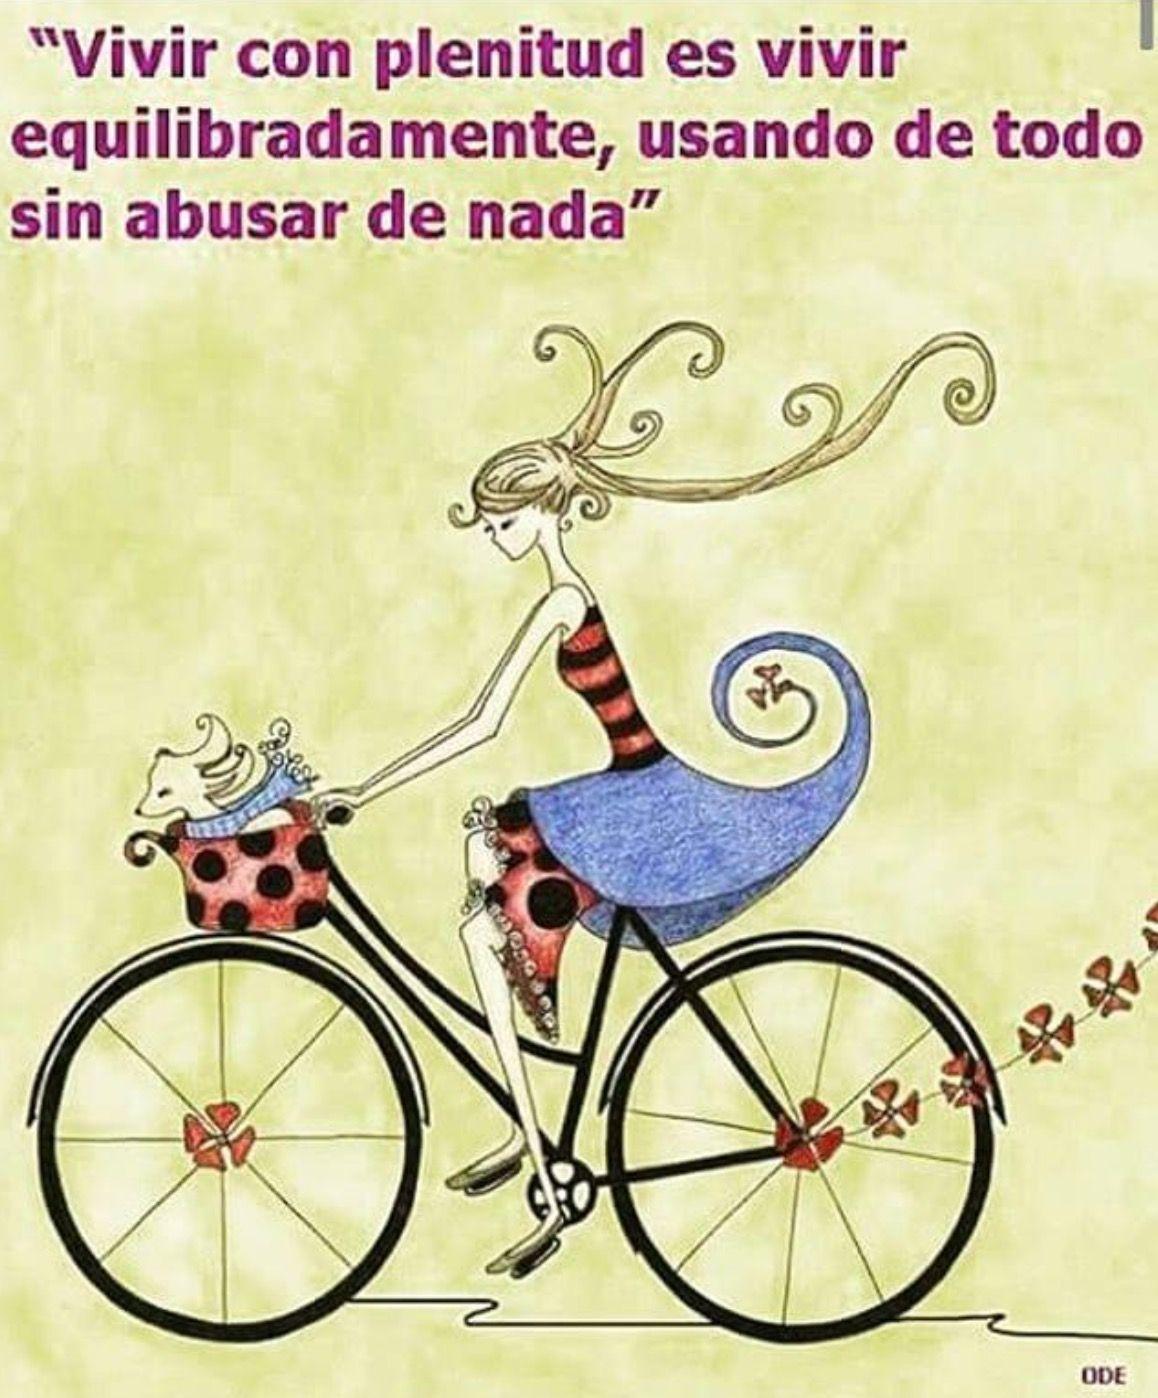 Pin by Flo bentancor on Motivación ✨ | Pinterest